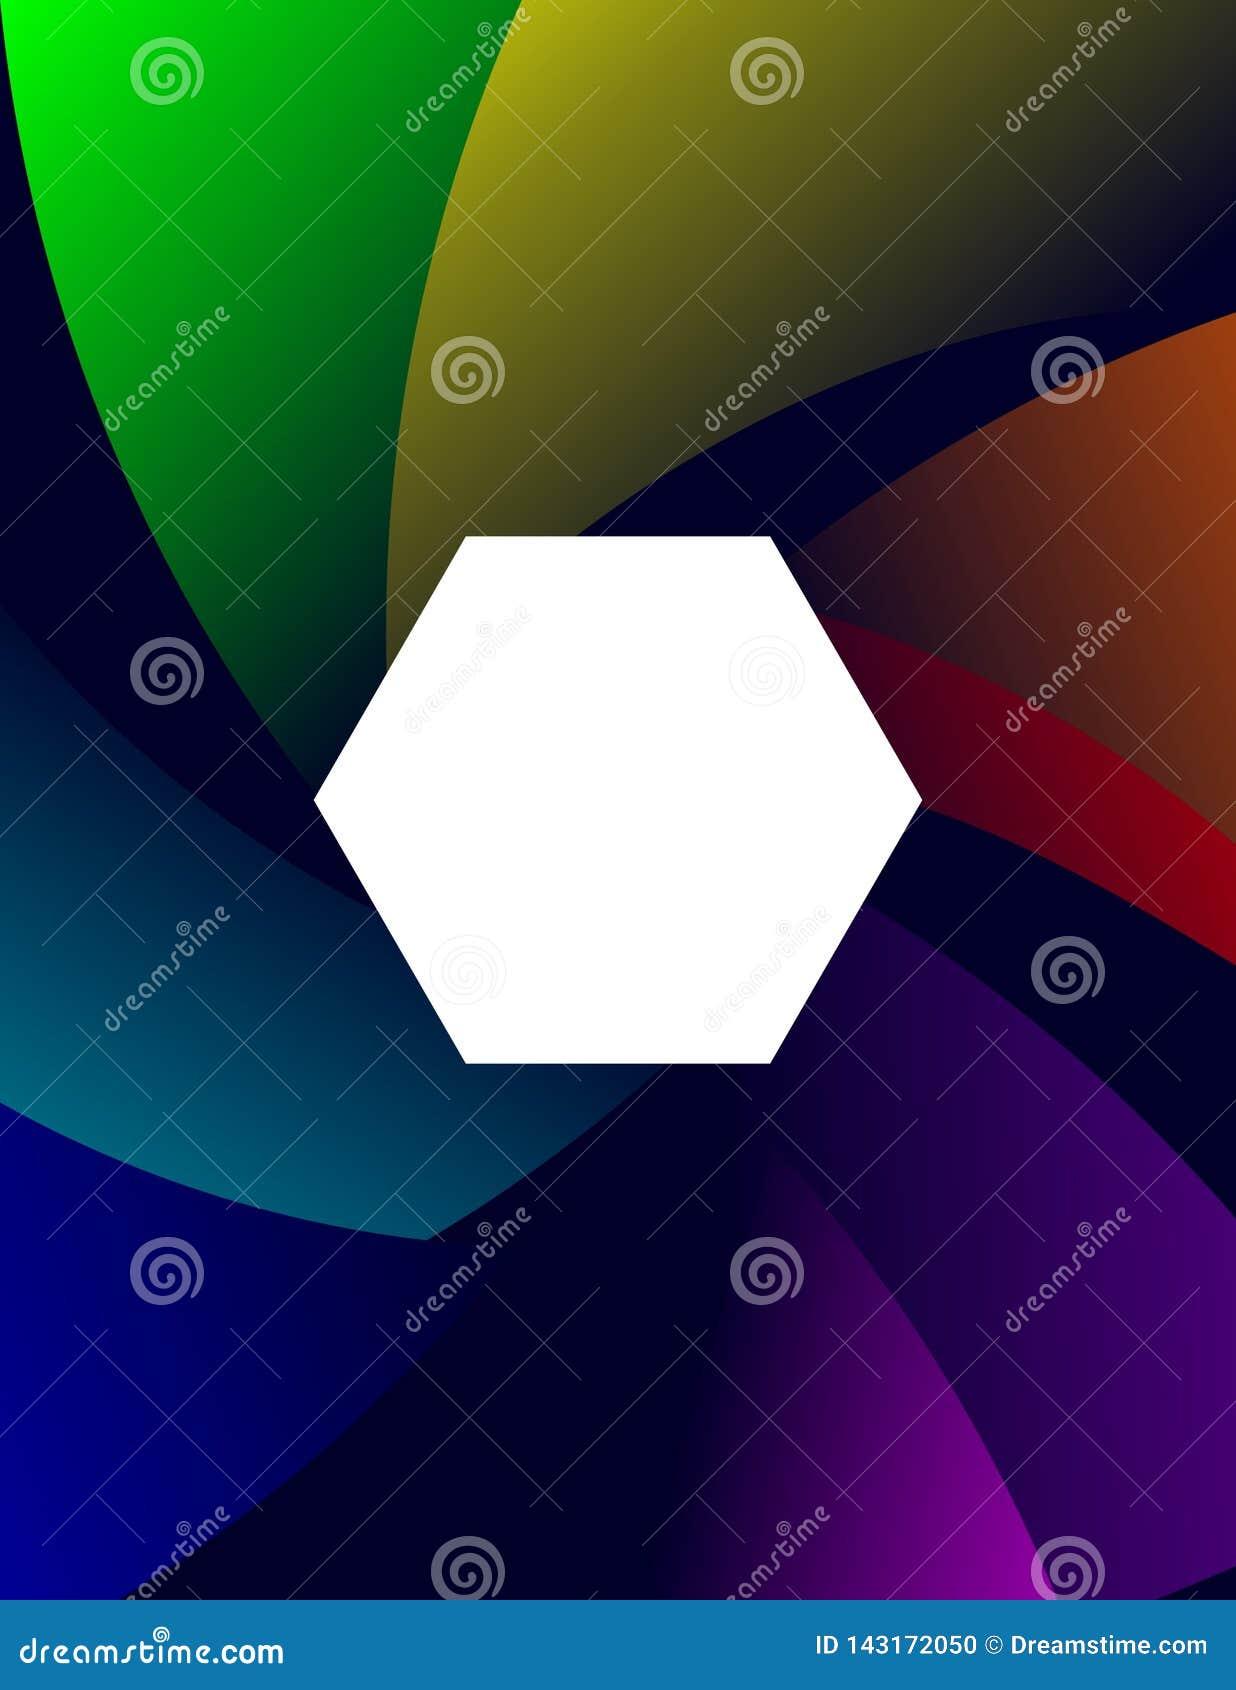 Baground Abstract Kleurrijk Hexagon Vlak Ontwerp